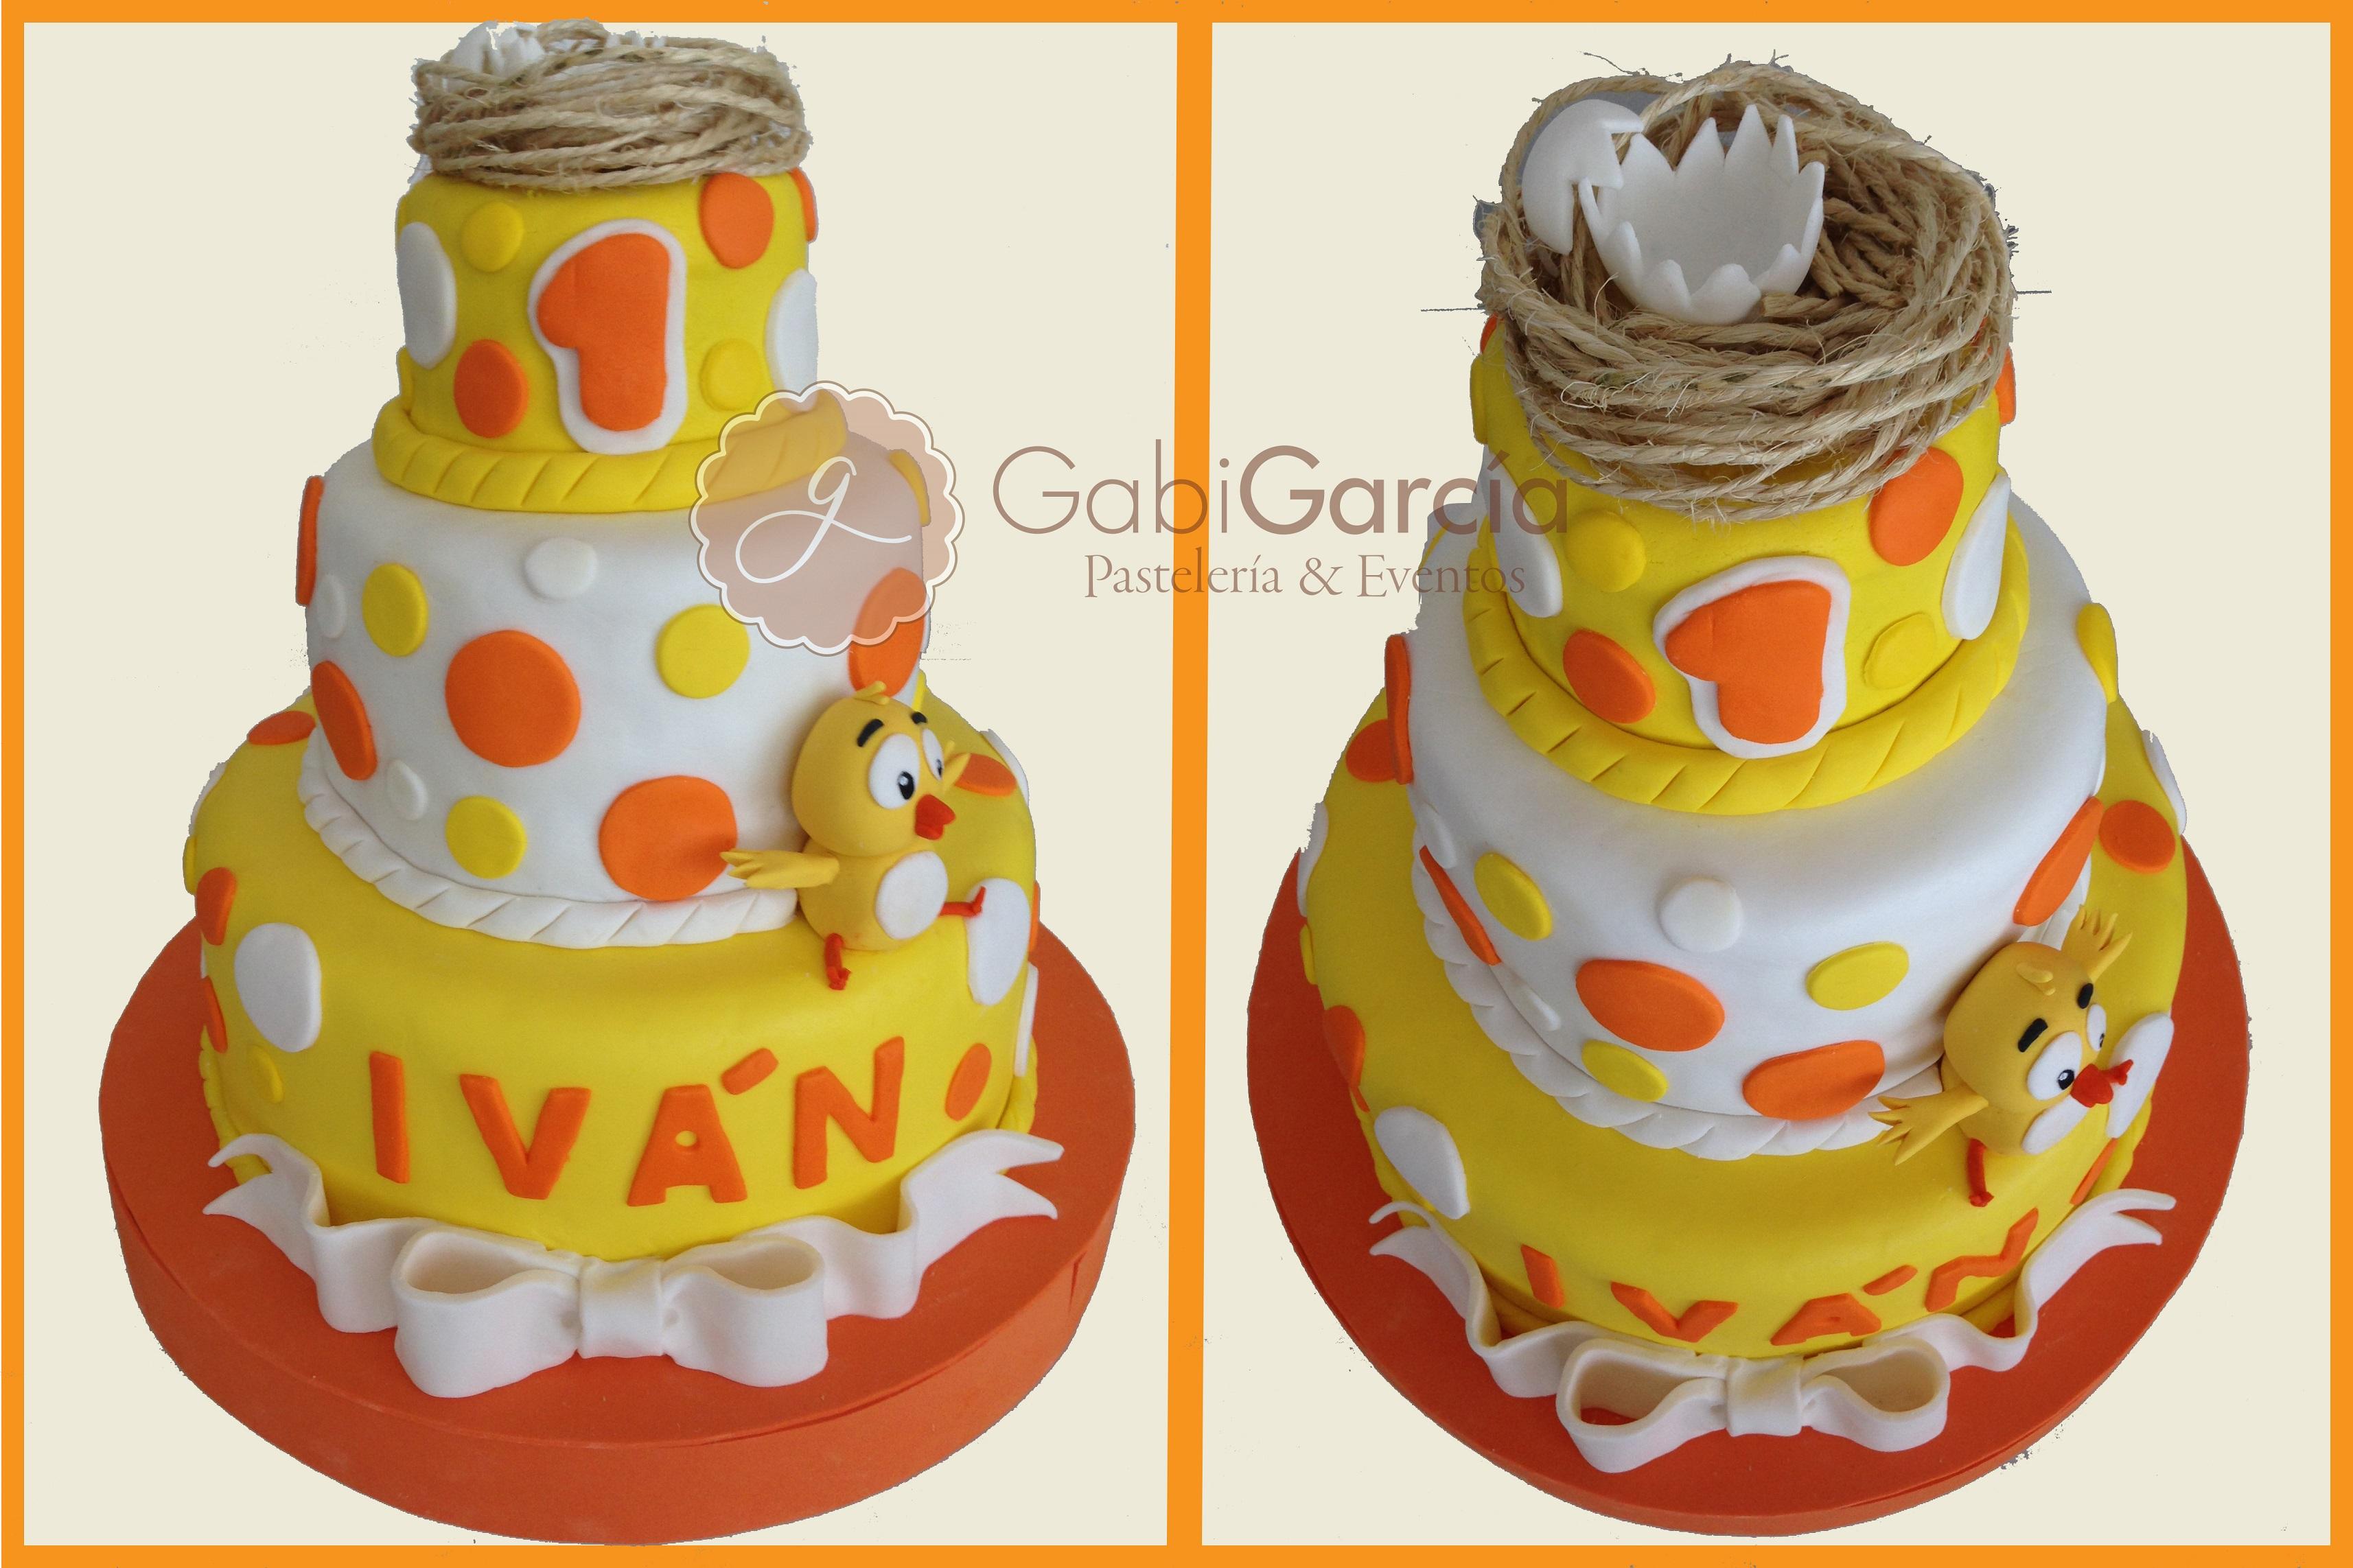 Gabi Garcia Pasteleria & Eventos | Torta pollito amarillito